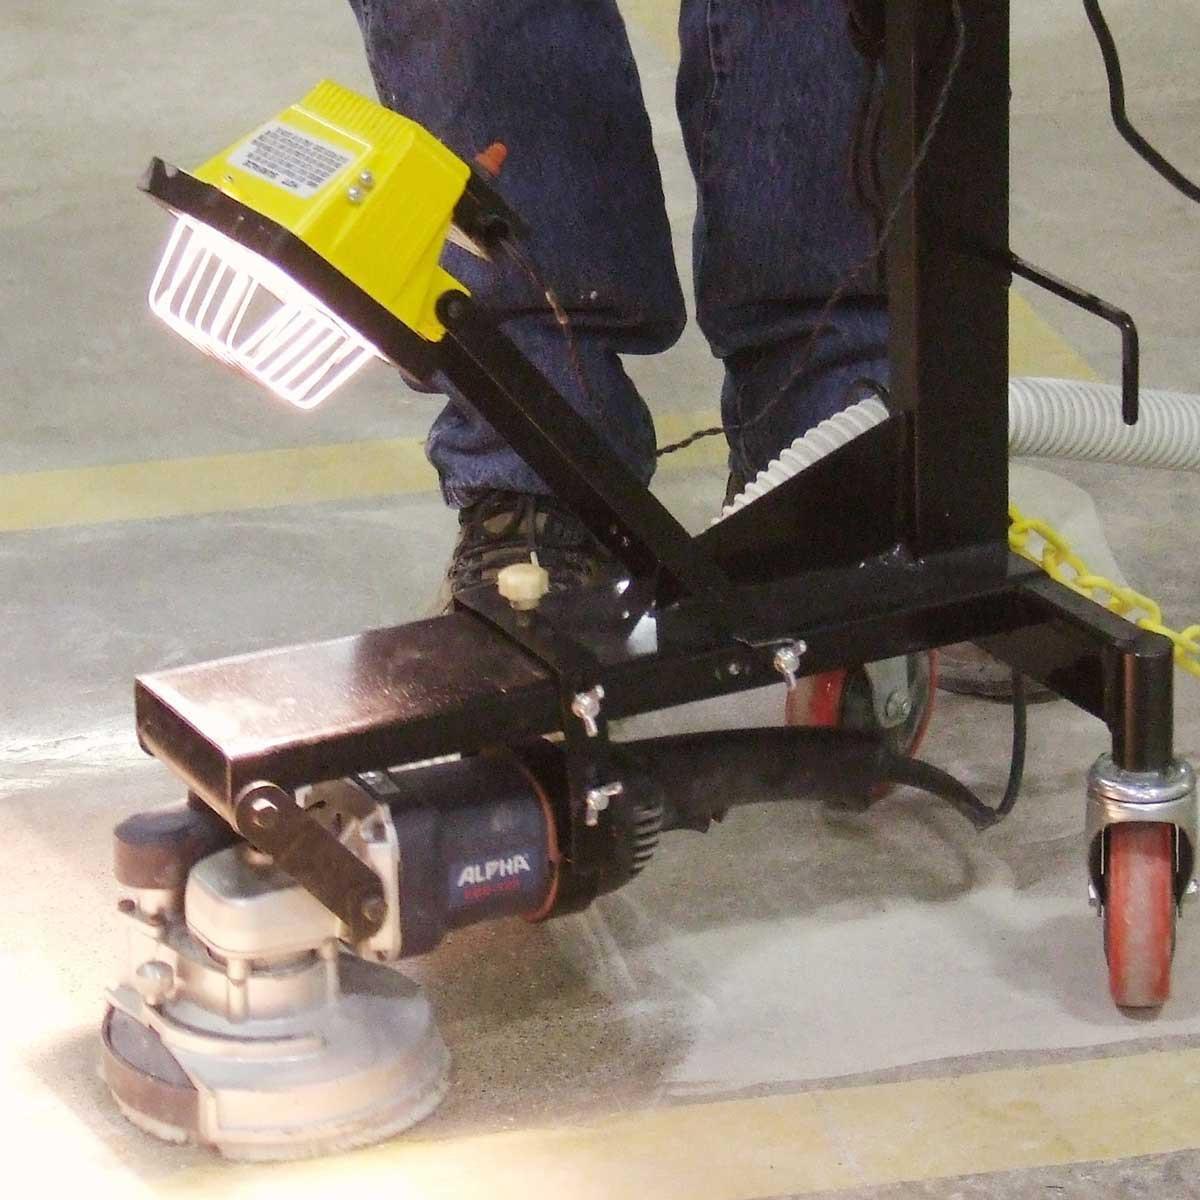 Alpha Ecogrinder concrete grinding